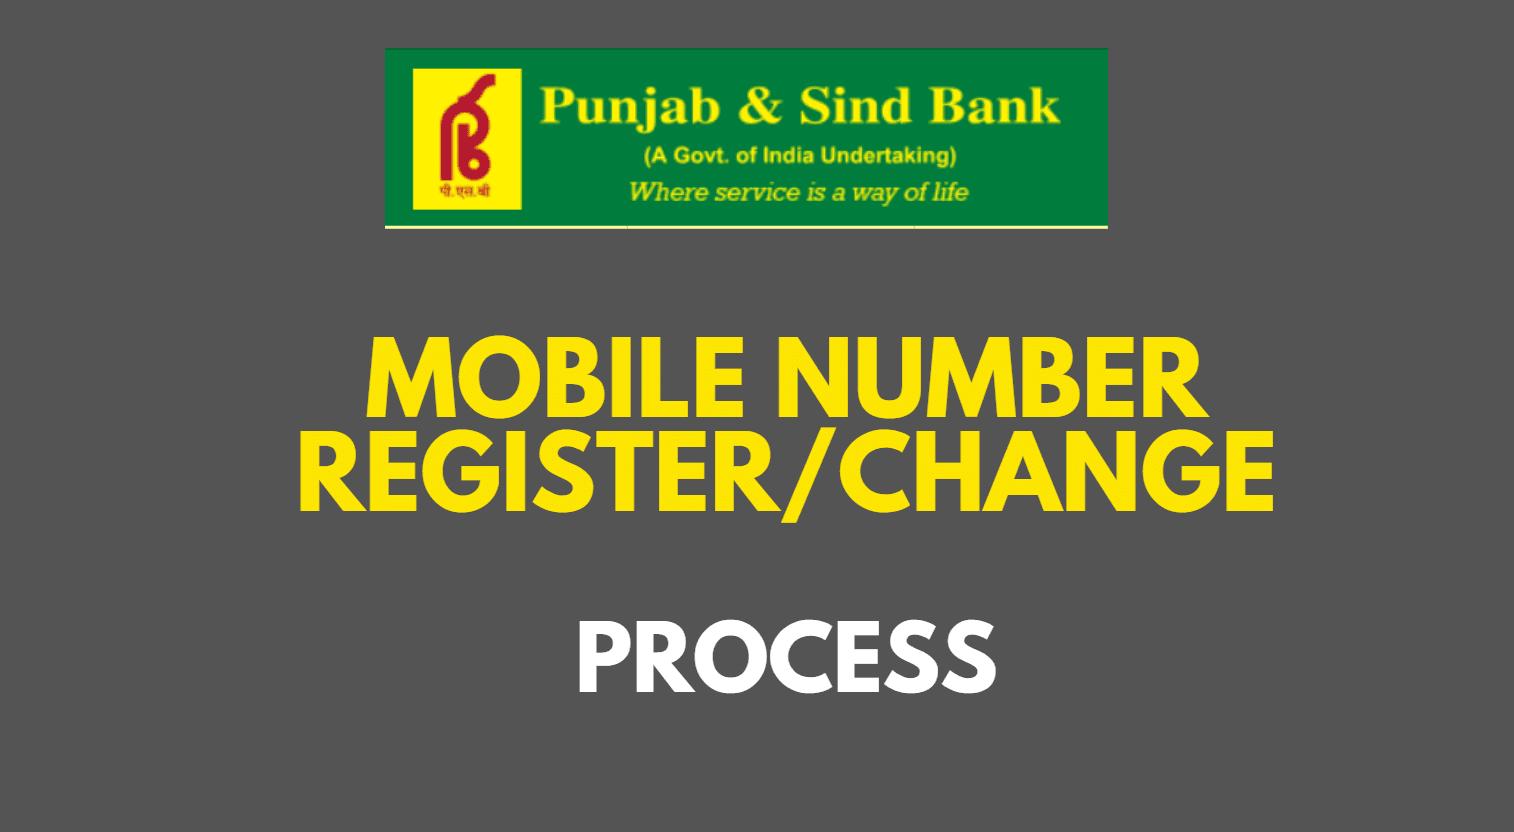 Register/Change Mobile Number in Punjab and Sind Bank